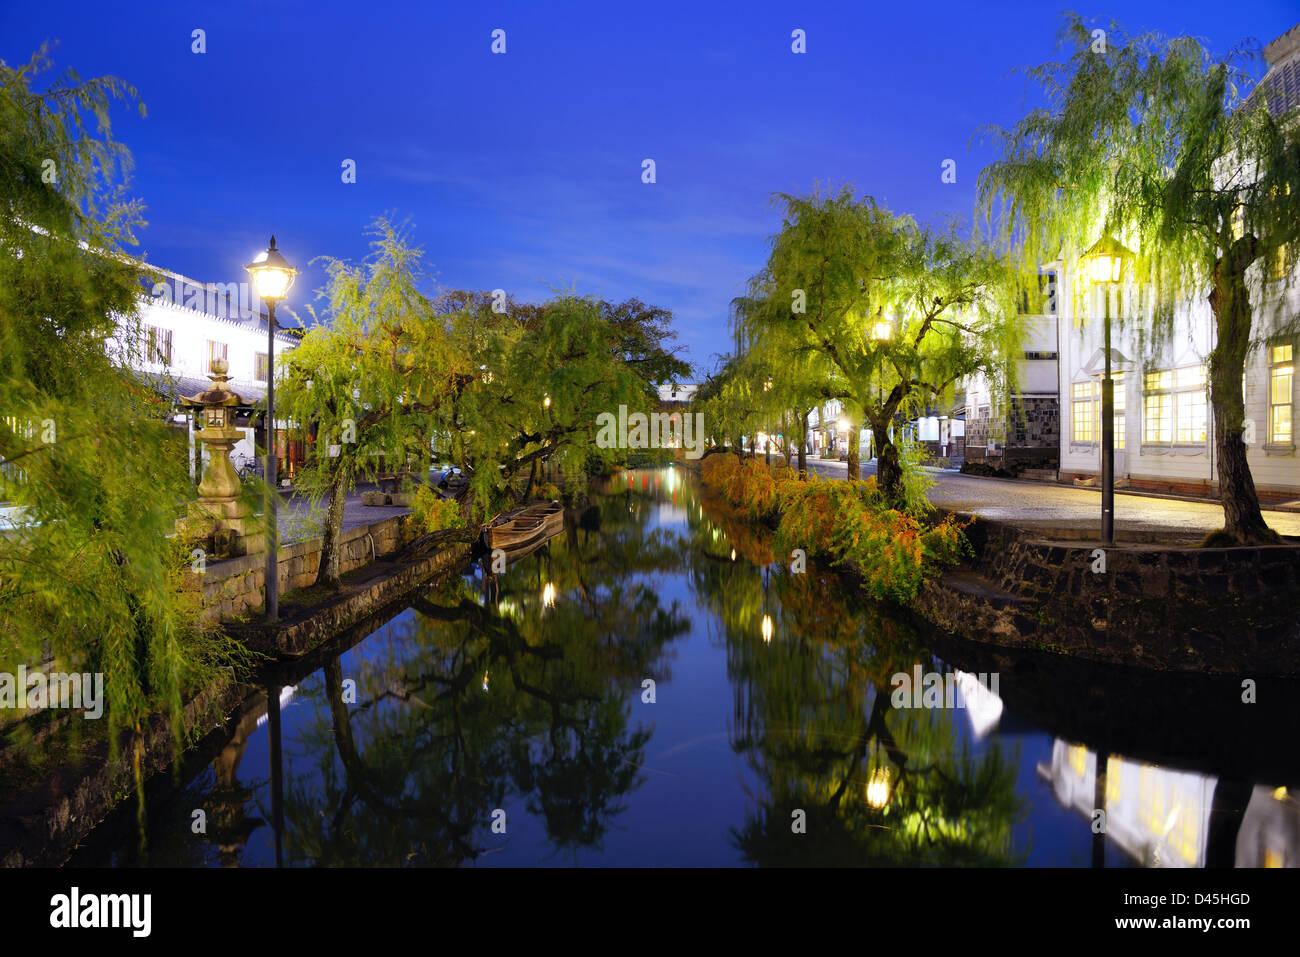 Il famoso ponte e Canal di Kurashiki, Giappone. Immagini Stock